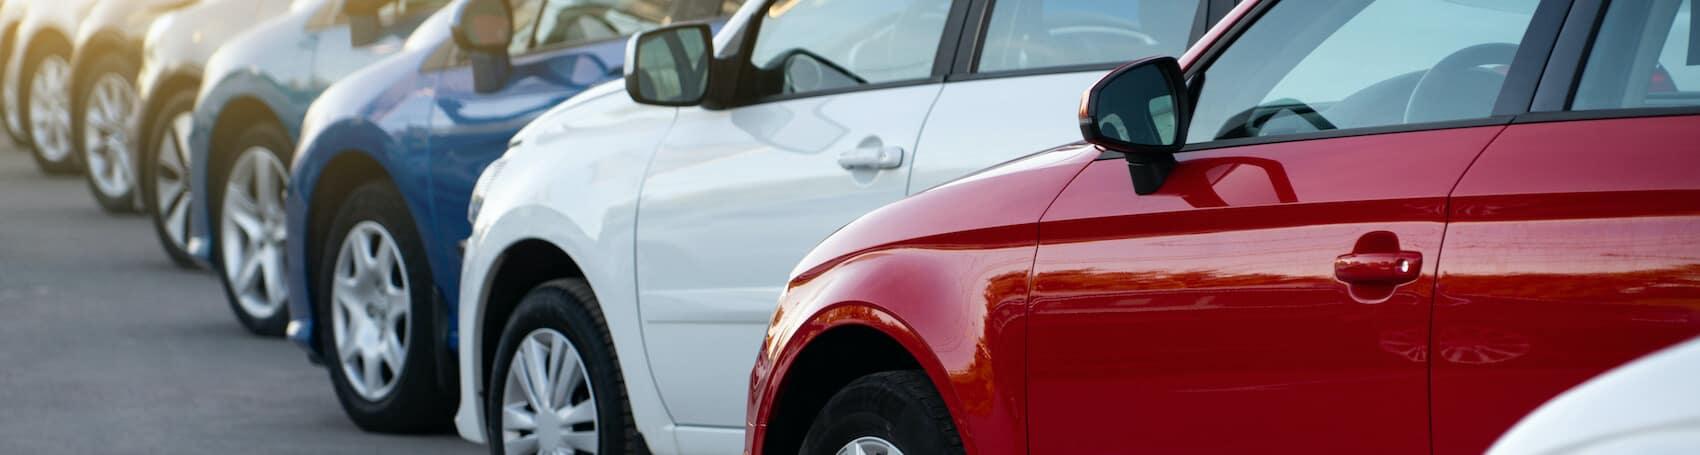 Used Car Dealer   Fallbrook, CA